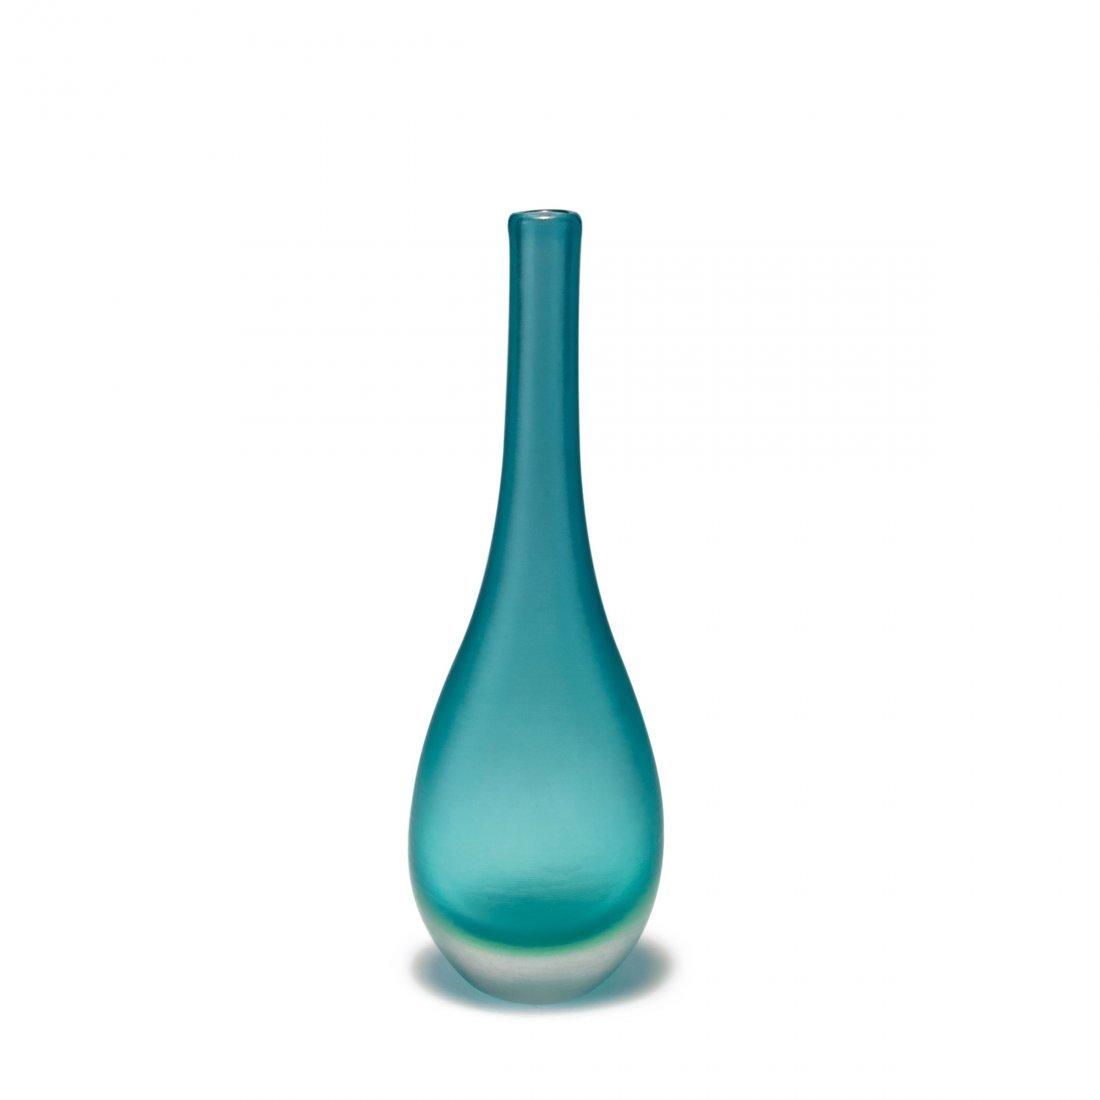 'Inciso' vase, 1956